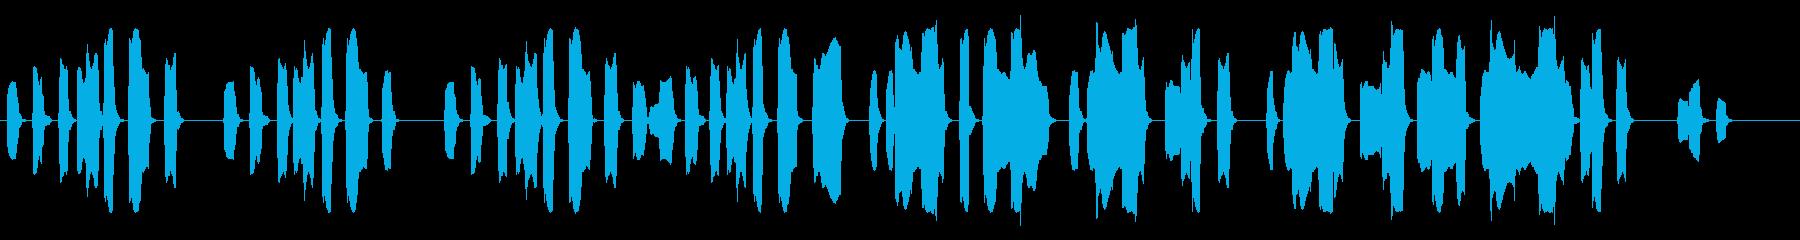 リコーダー単体で演奏された楽曲です。シ…の再生済みの波形